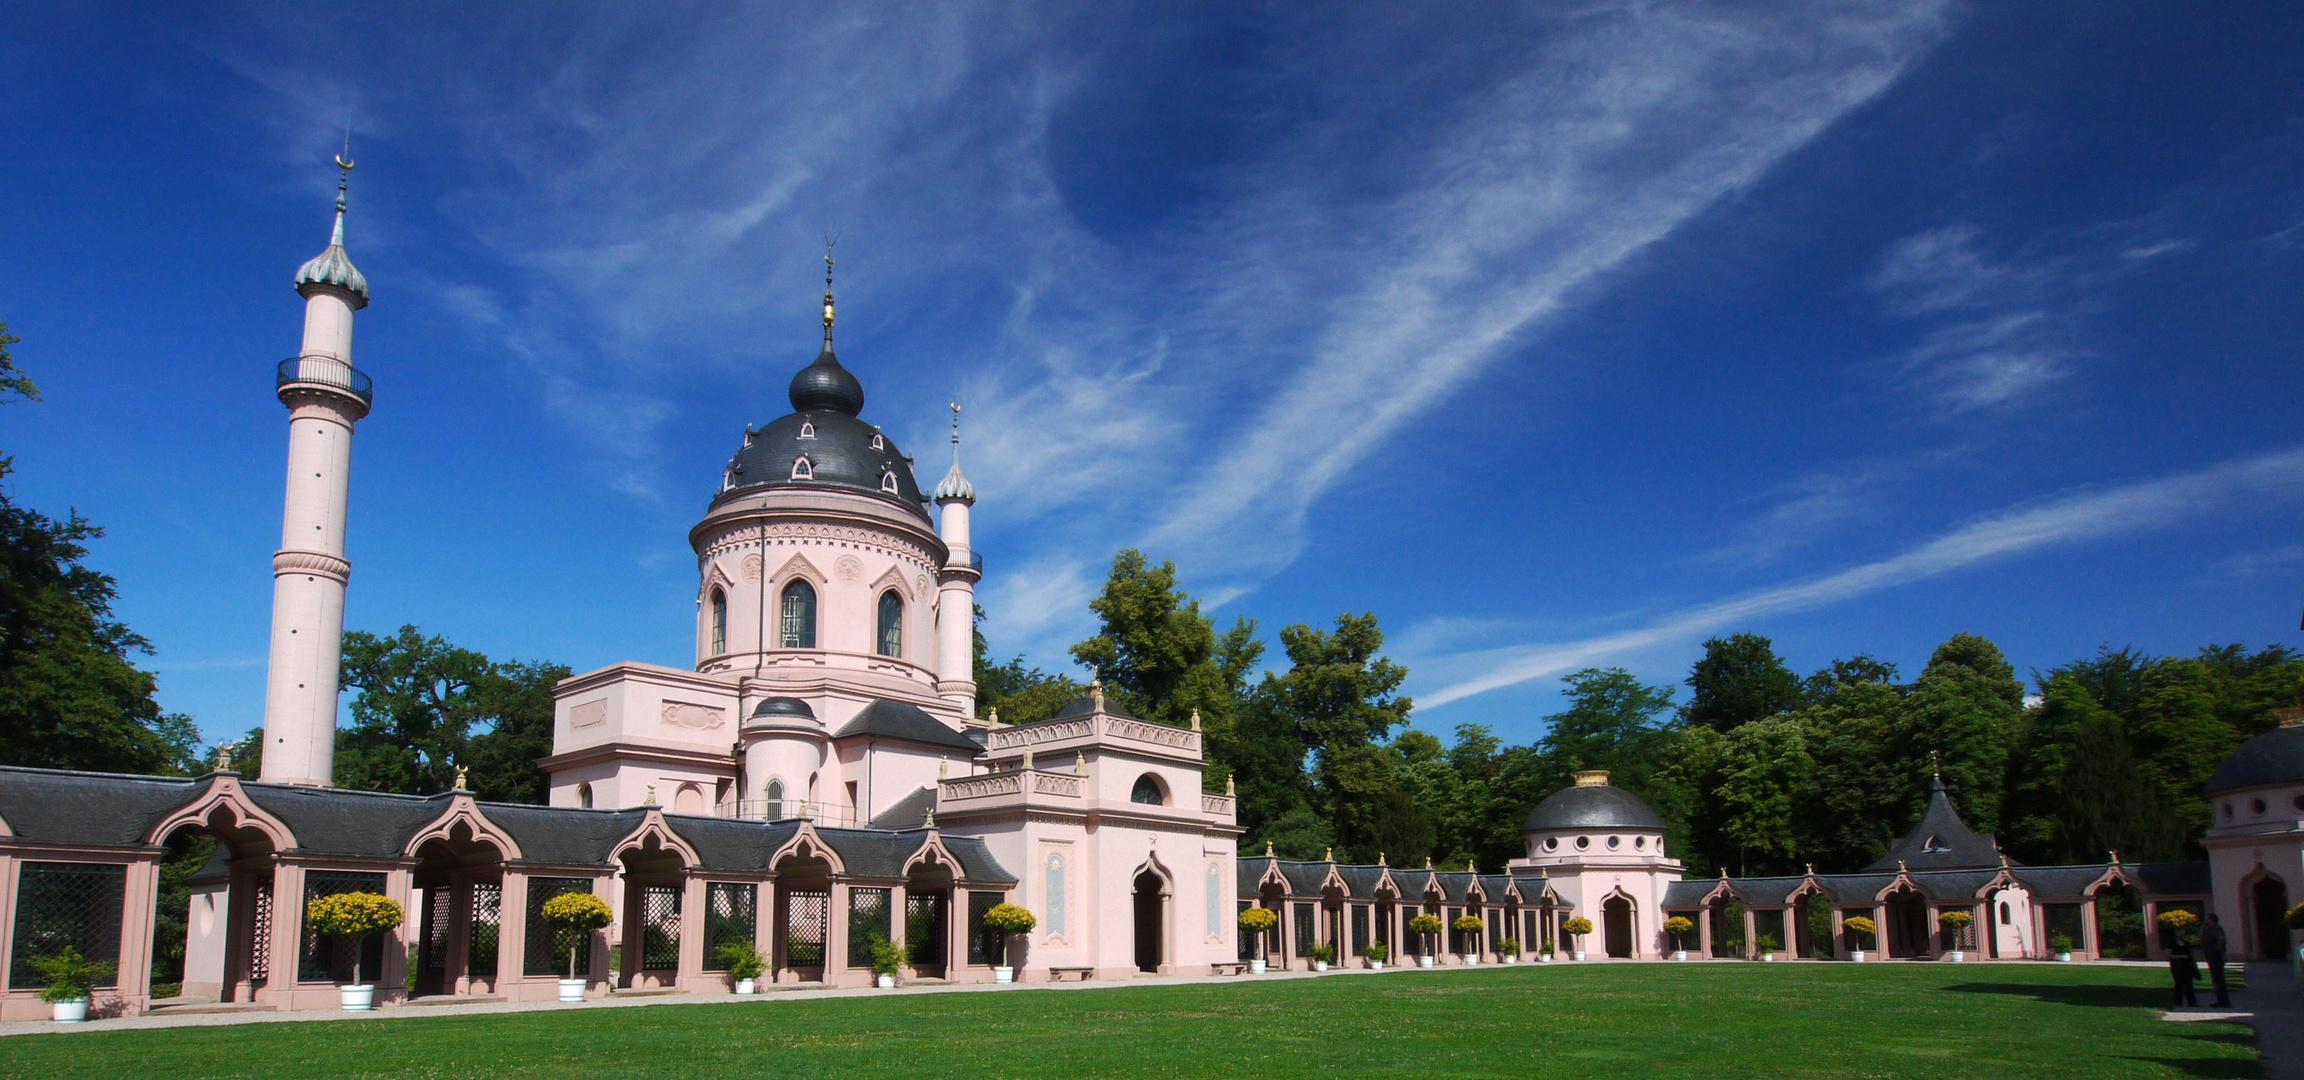 Schlossgarten Schwetzingen - Moschee